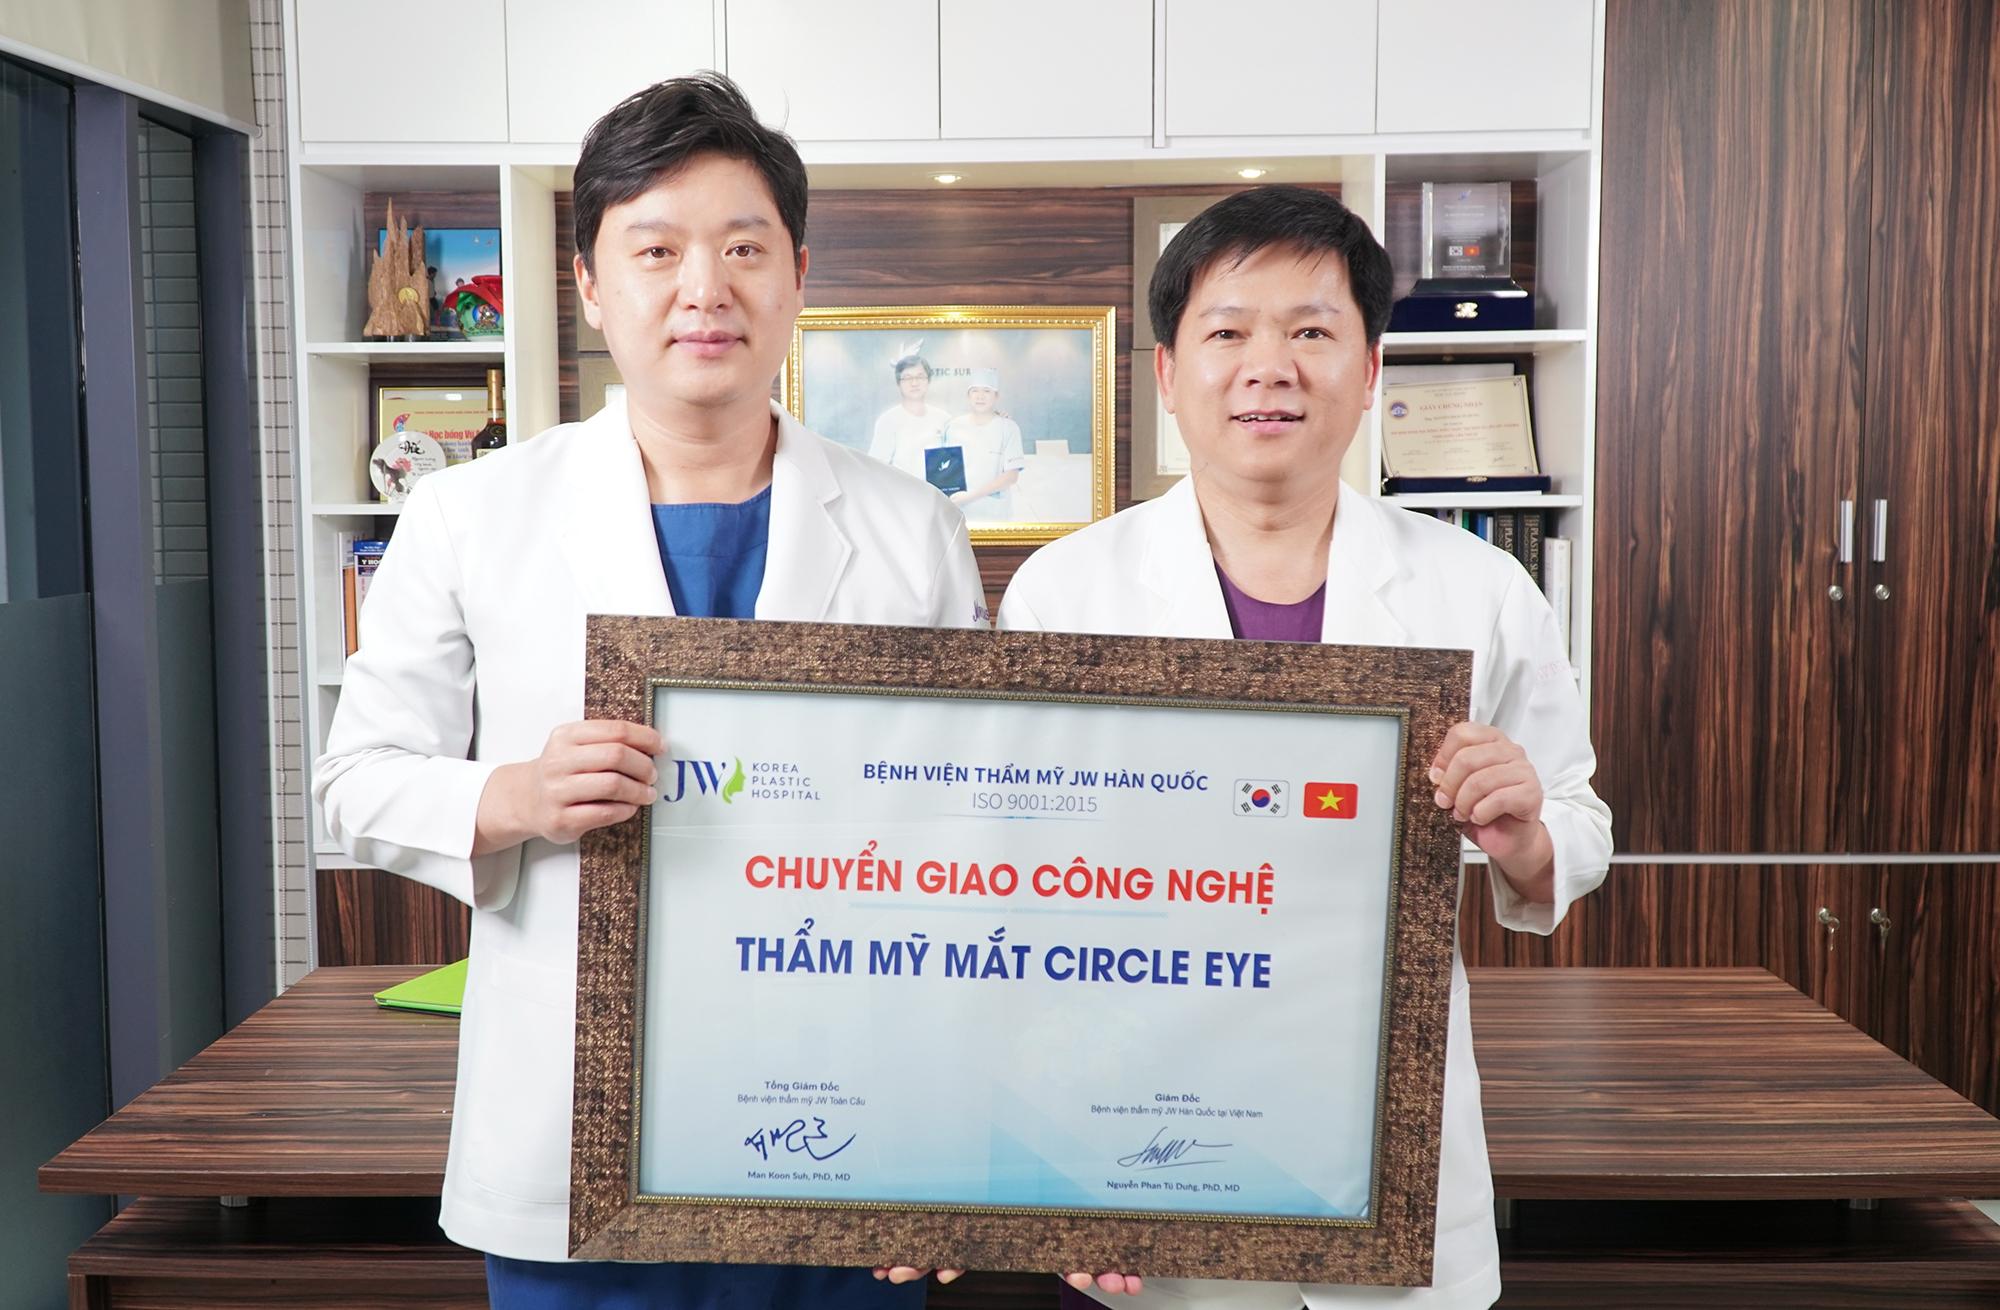 TS.BS Hong Lim Choi - Chủ tịch hội thẩm mỹ mắt Hàn Quốc về Bệnh viện JW chuyển giao công nghệ thẩm mỹ mắt Circle eye